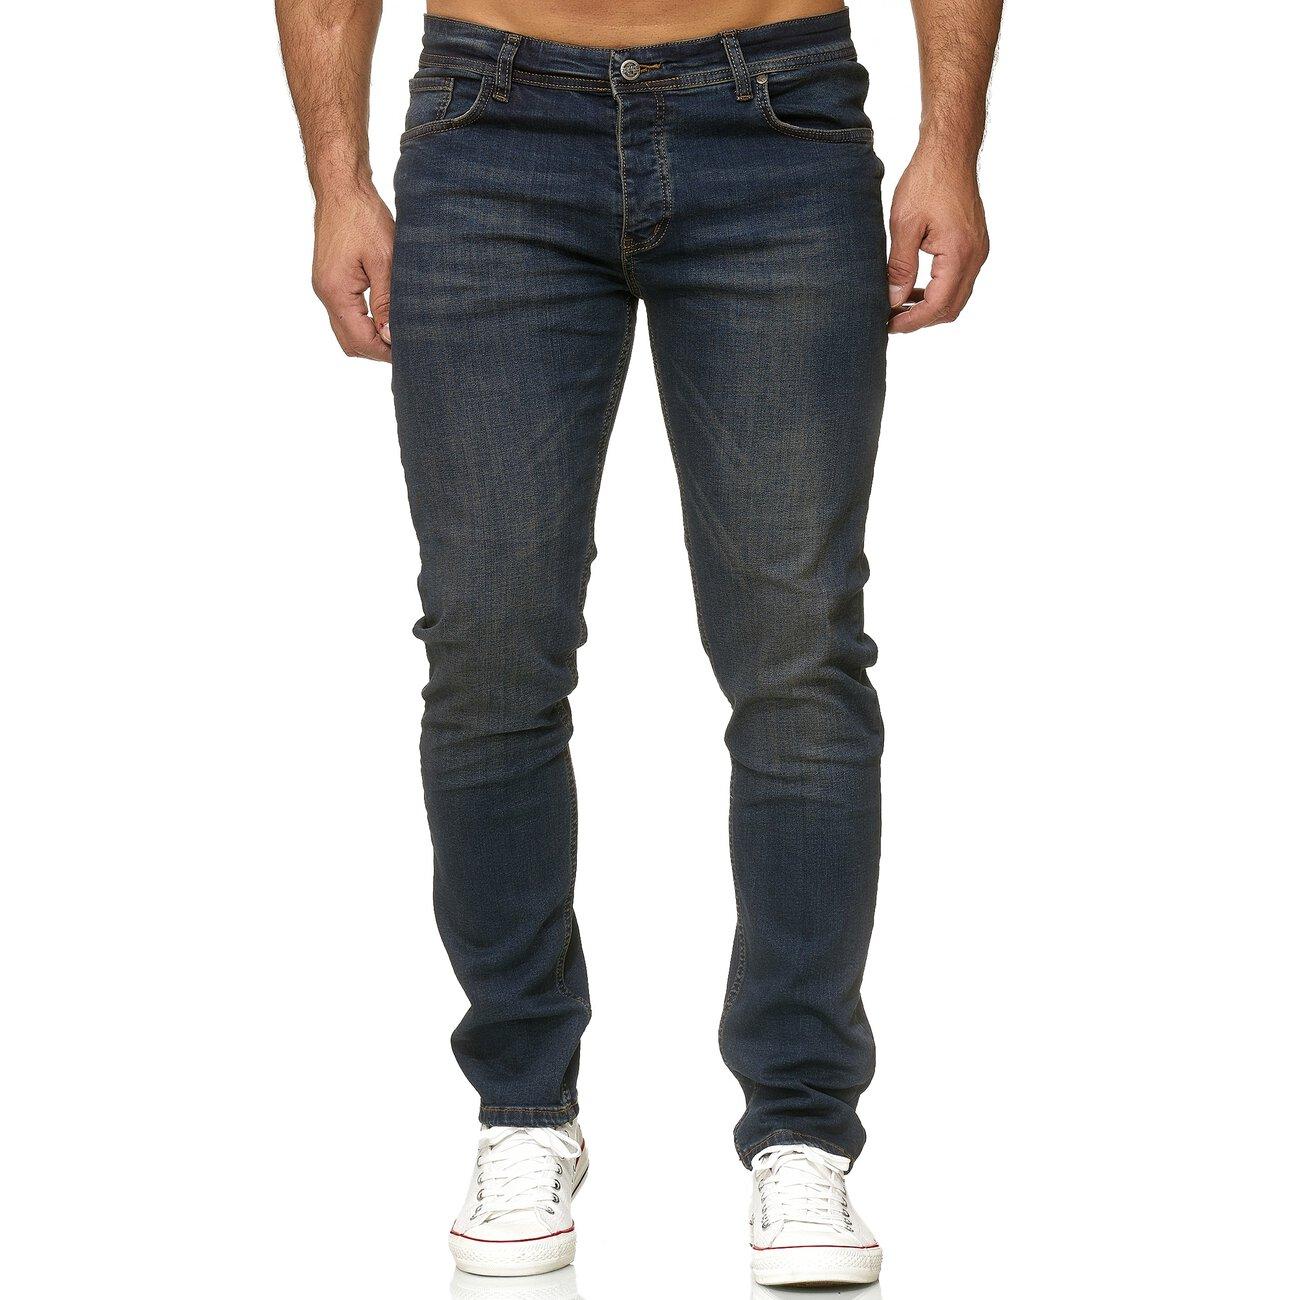 reslad jeans herren slim fit basic herren hose jeanshose. Black Bedroom Furniture Sets. Home Design Ideas